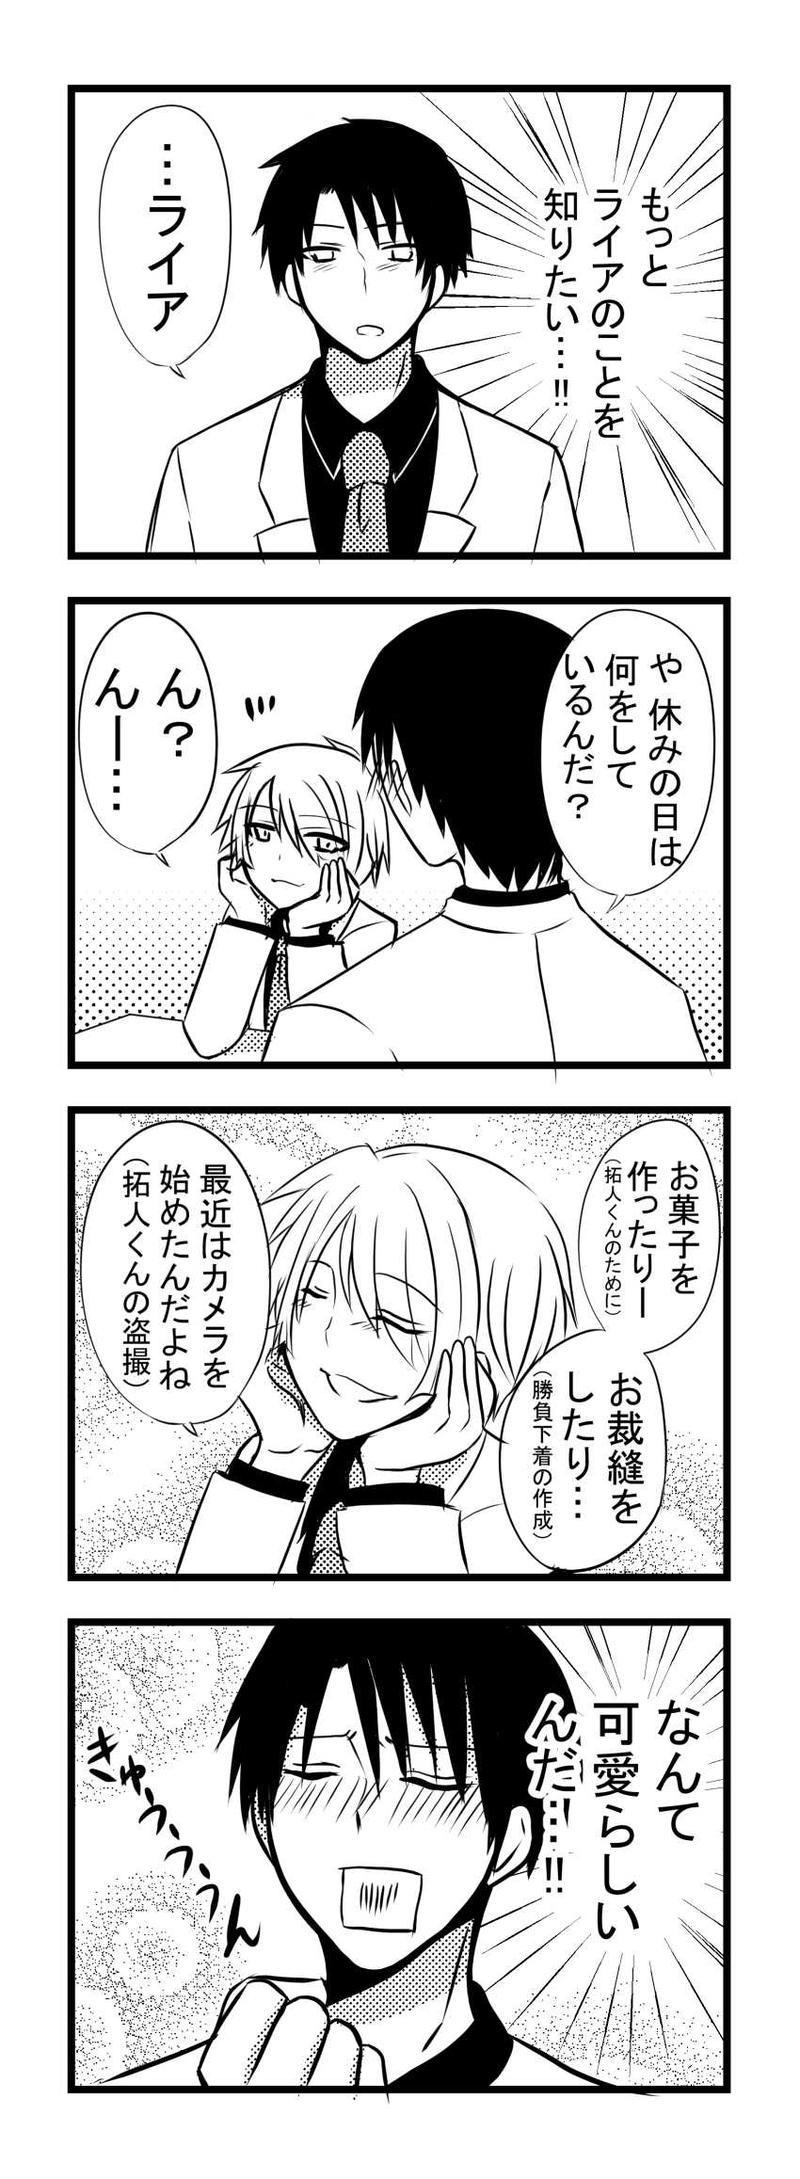 ヤンデレ小話2【休日】